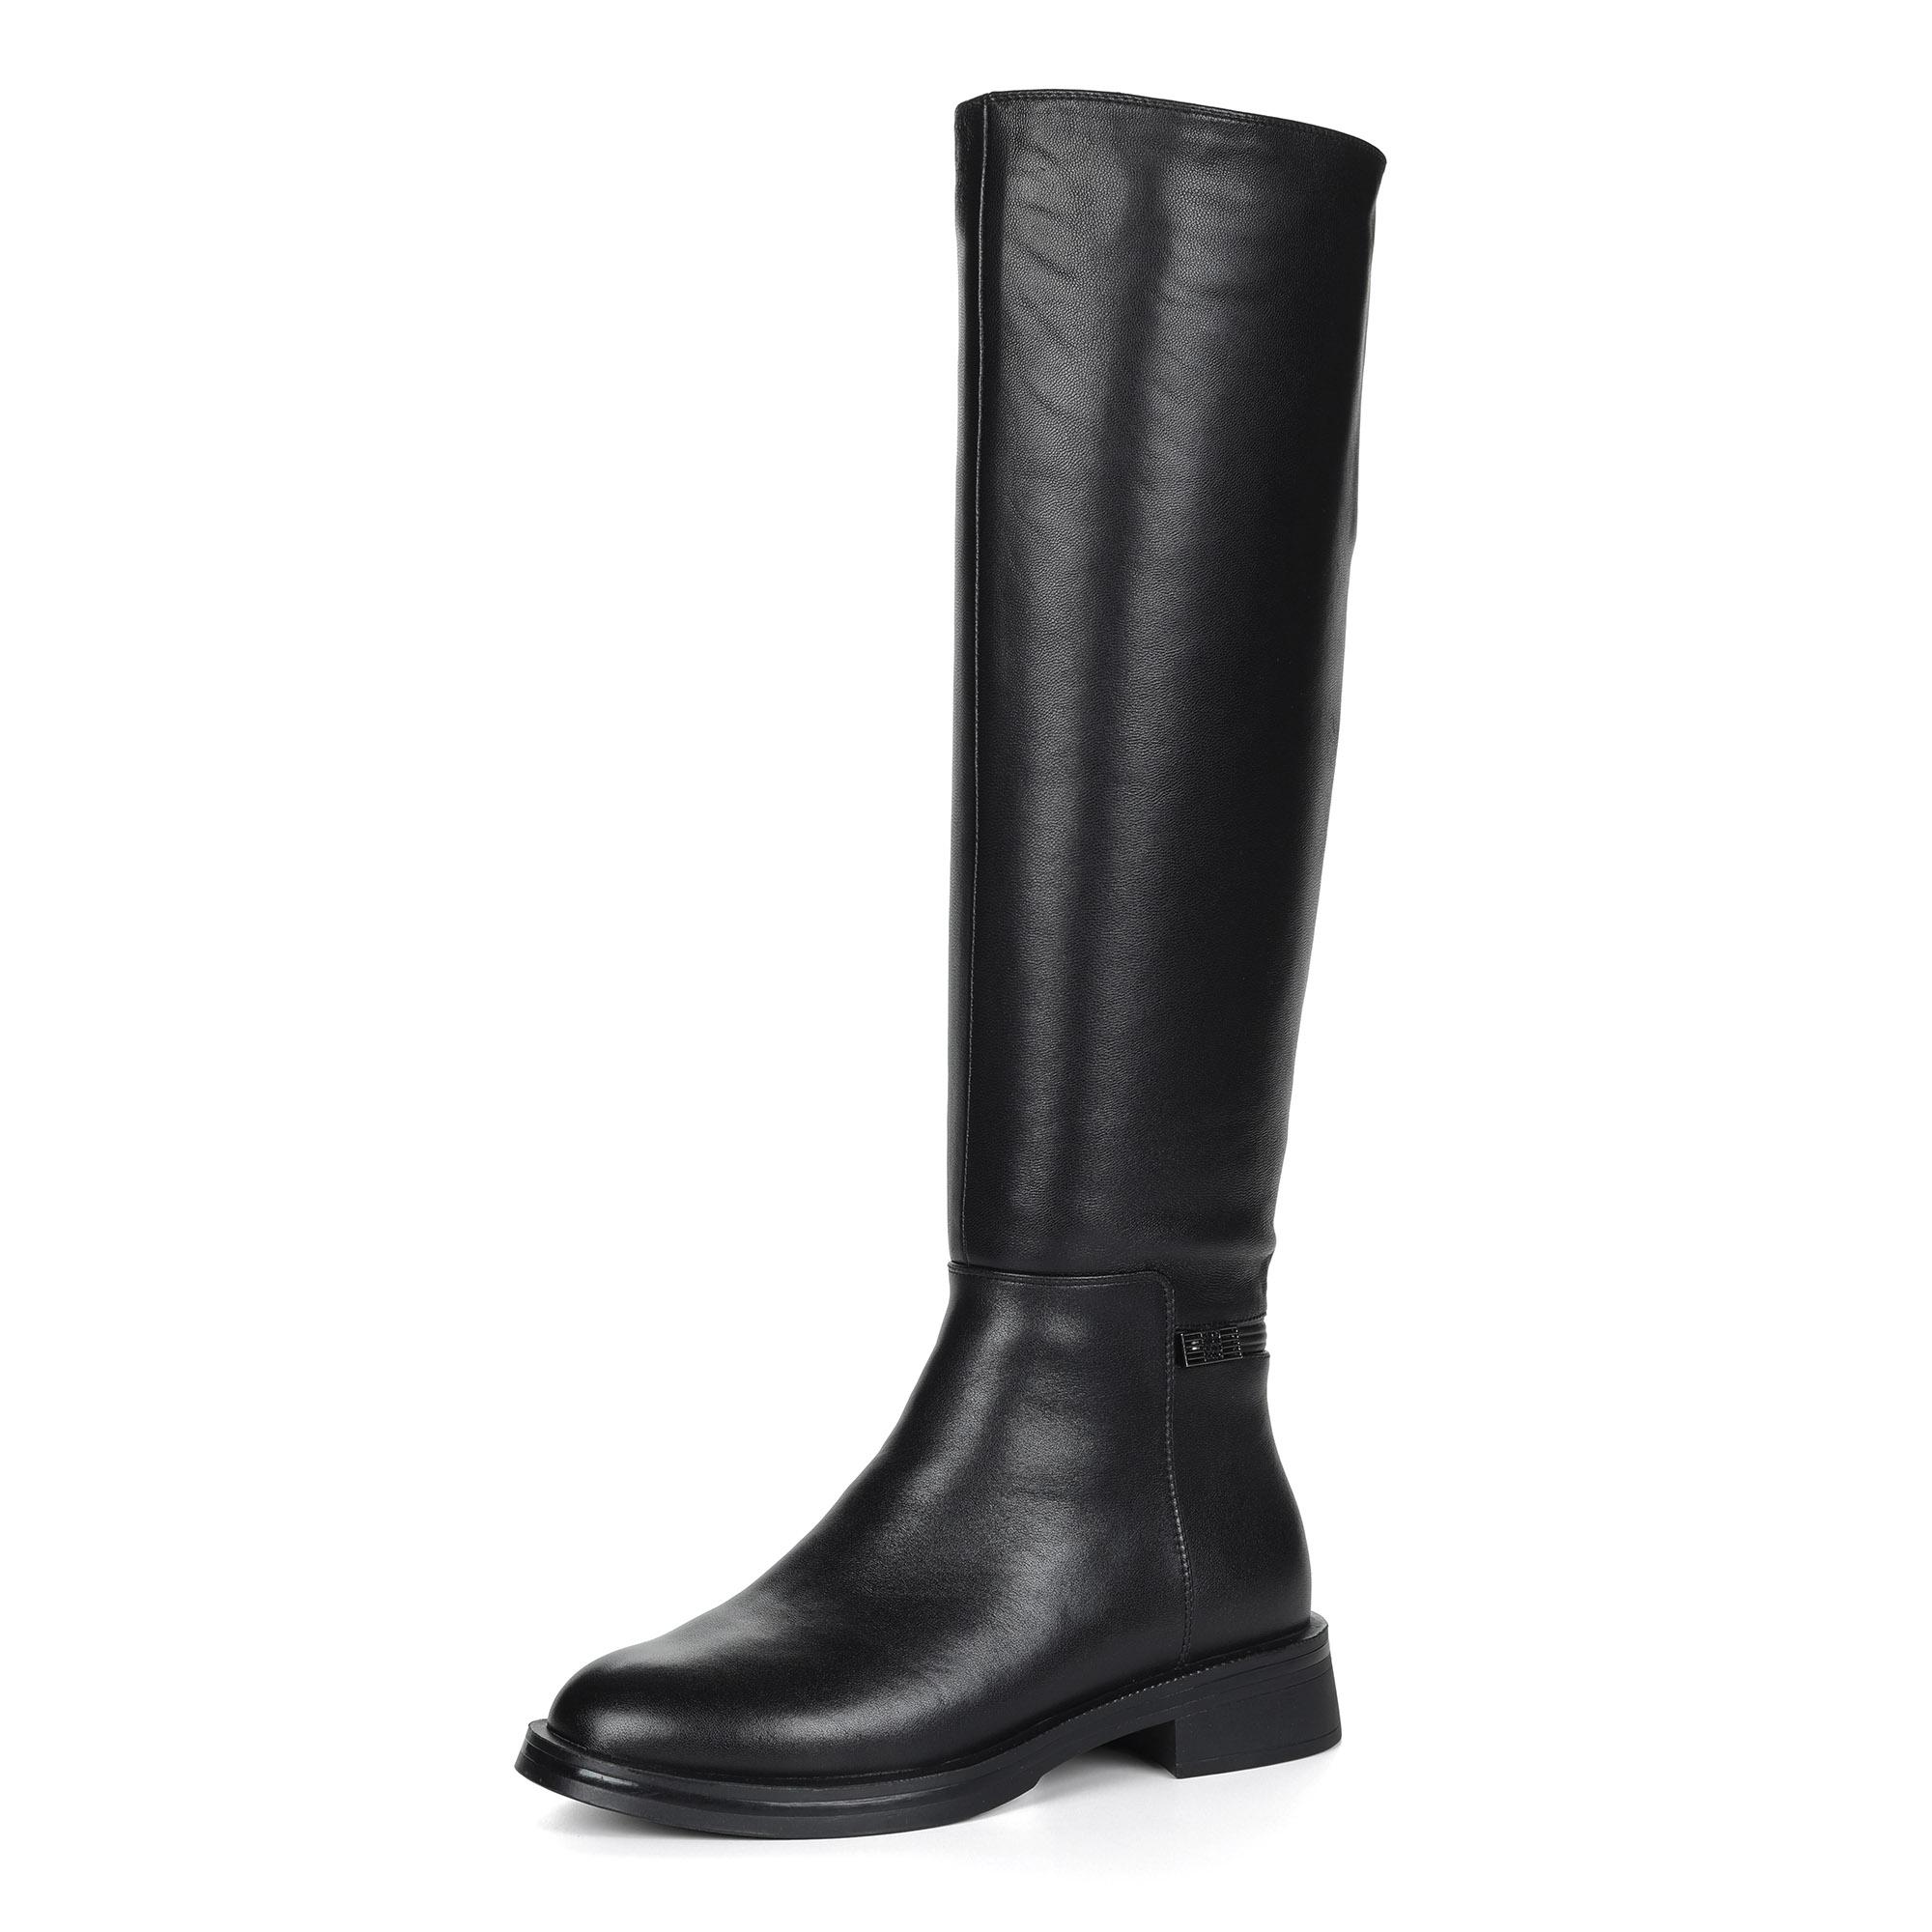 Черные ботфорты из кожи на подкалдке из натуральной шерсти и текстиля на квадратном каблуке